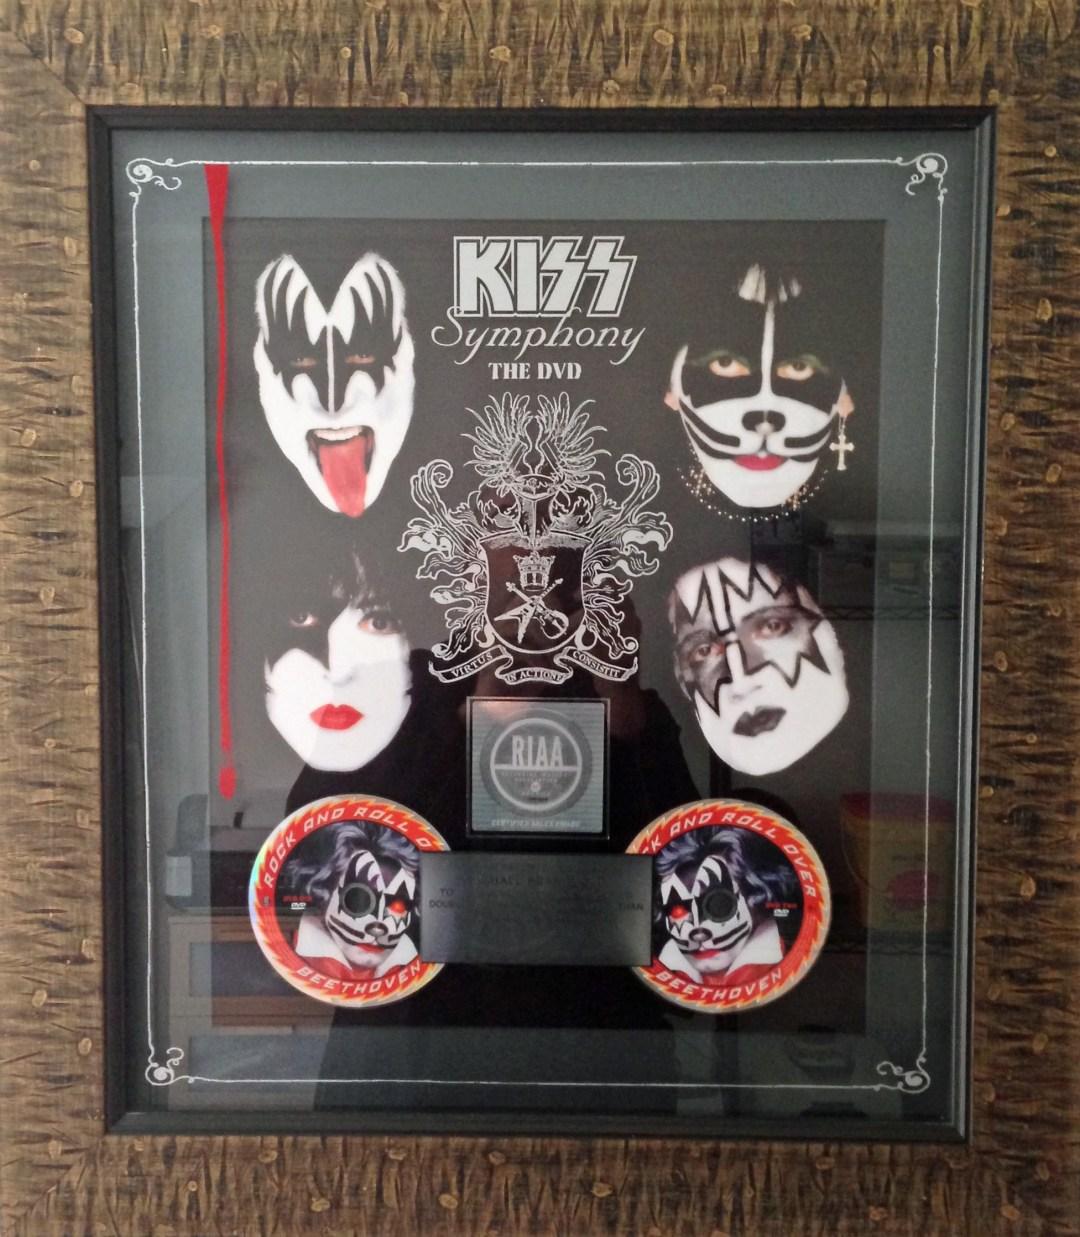 KISS Symphony The DVD RIAA Award